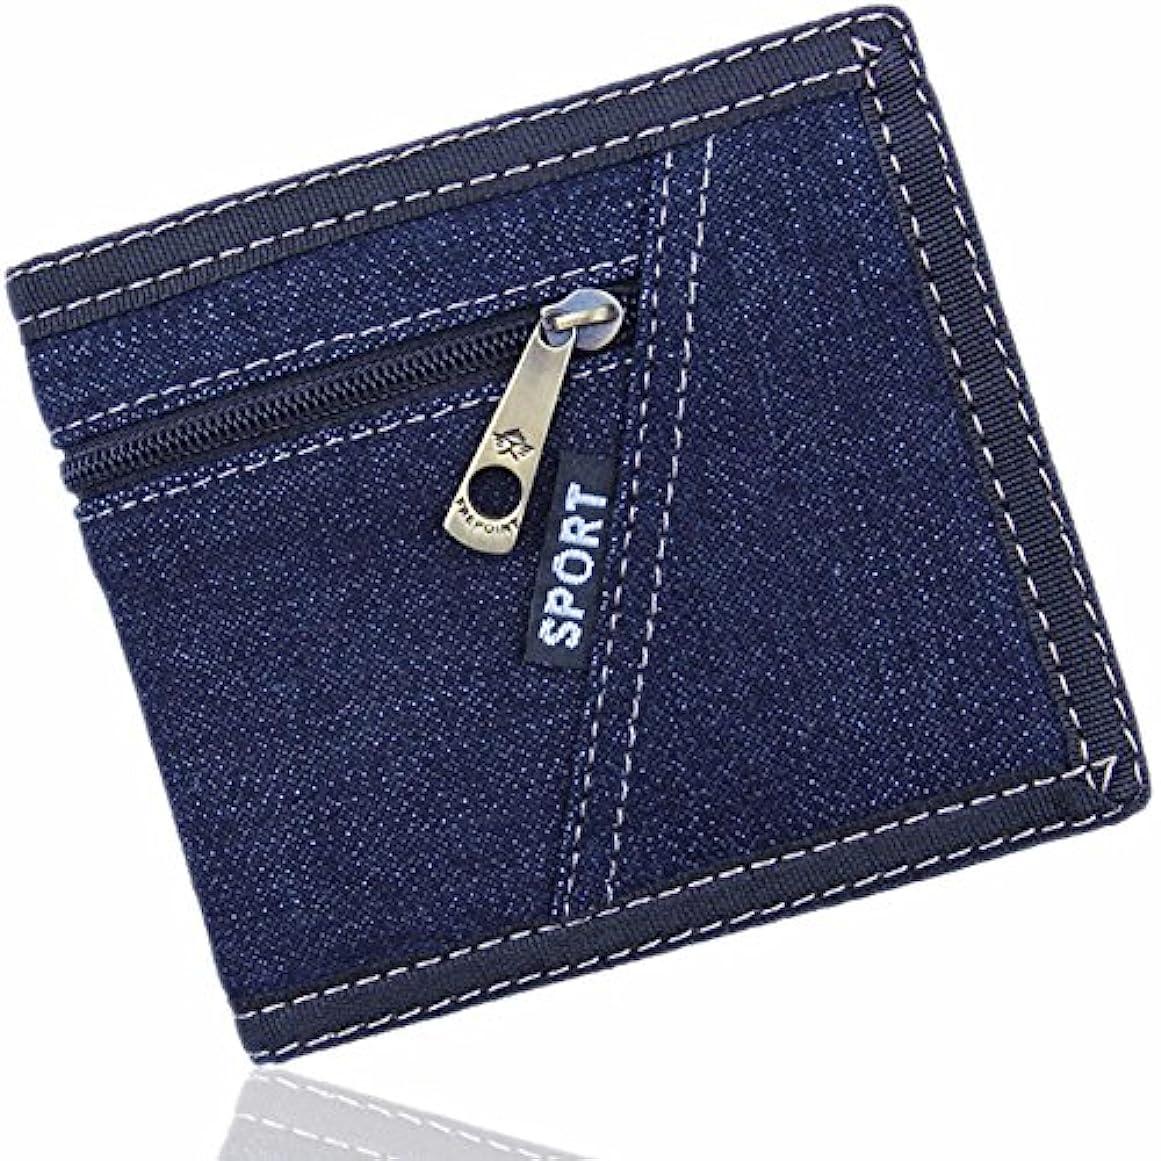 貫通する地雷原農村Everdoss メンズ 財布 短い財布 二つ折り デニム カード入れ 小銭入れ 個性 シンプル 軽い薄い スポーツ